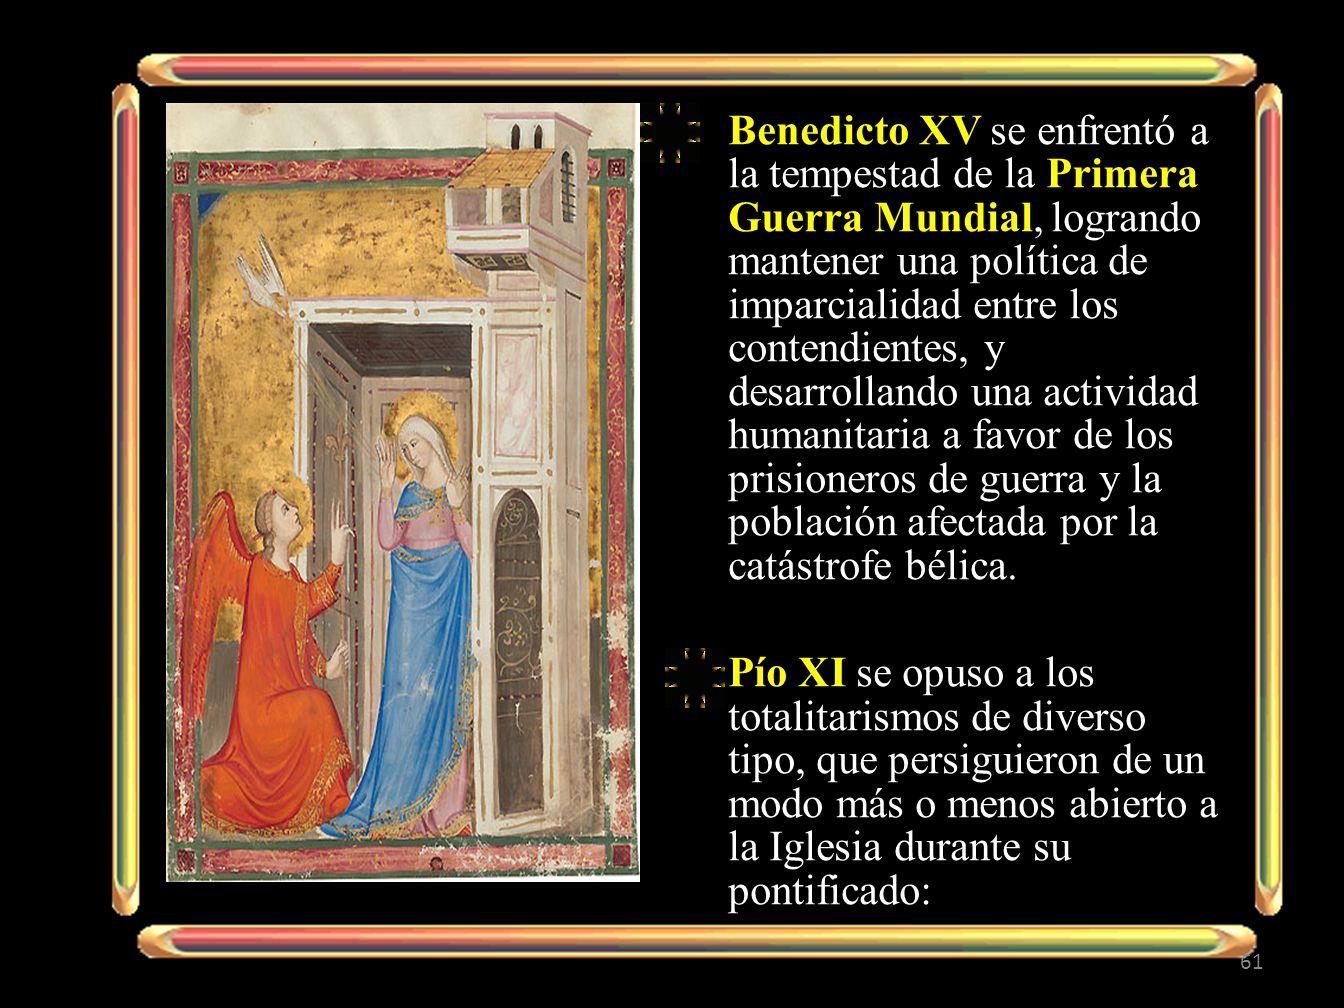 Benedicto XV se enfrentó a la tempestad de la Primera Guerra Mundial, logrando mantener una política de imparcialidad entre los contendientes, y desar